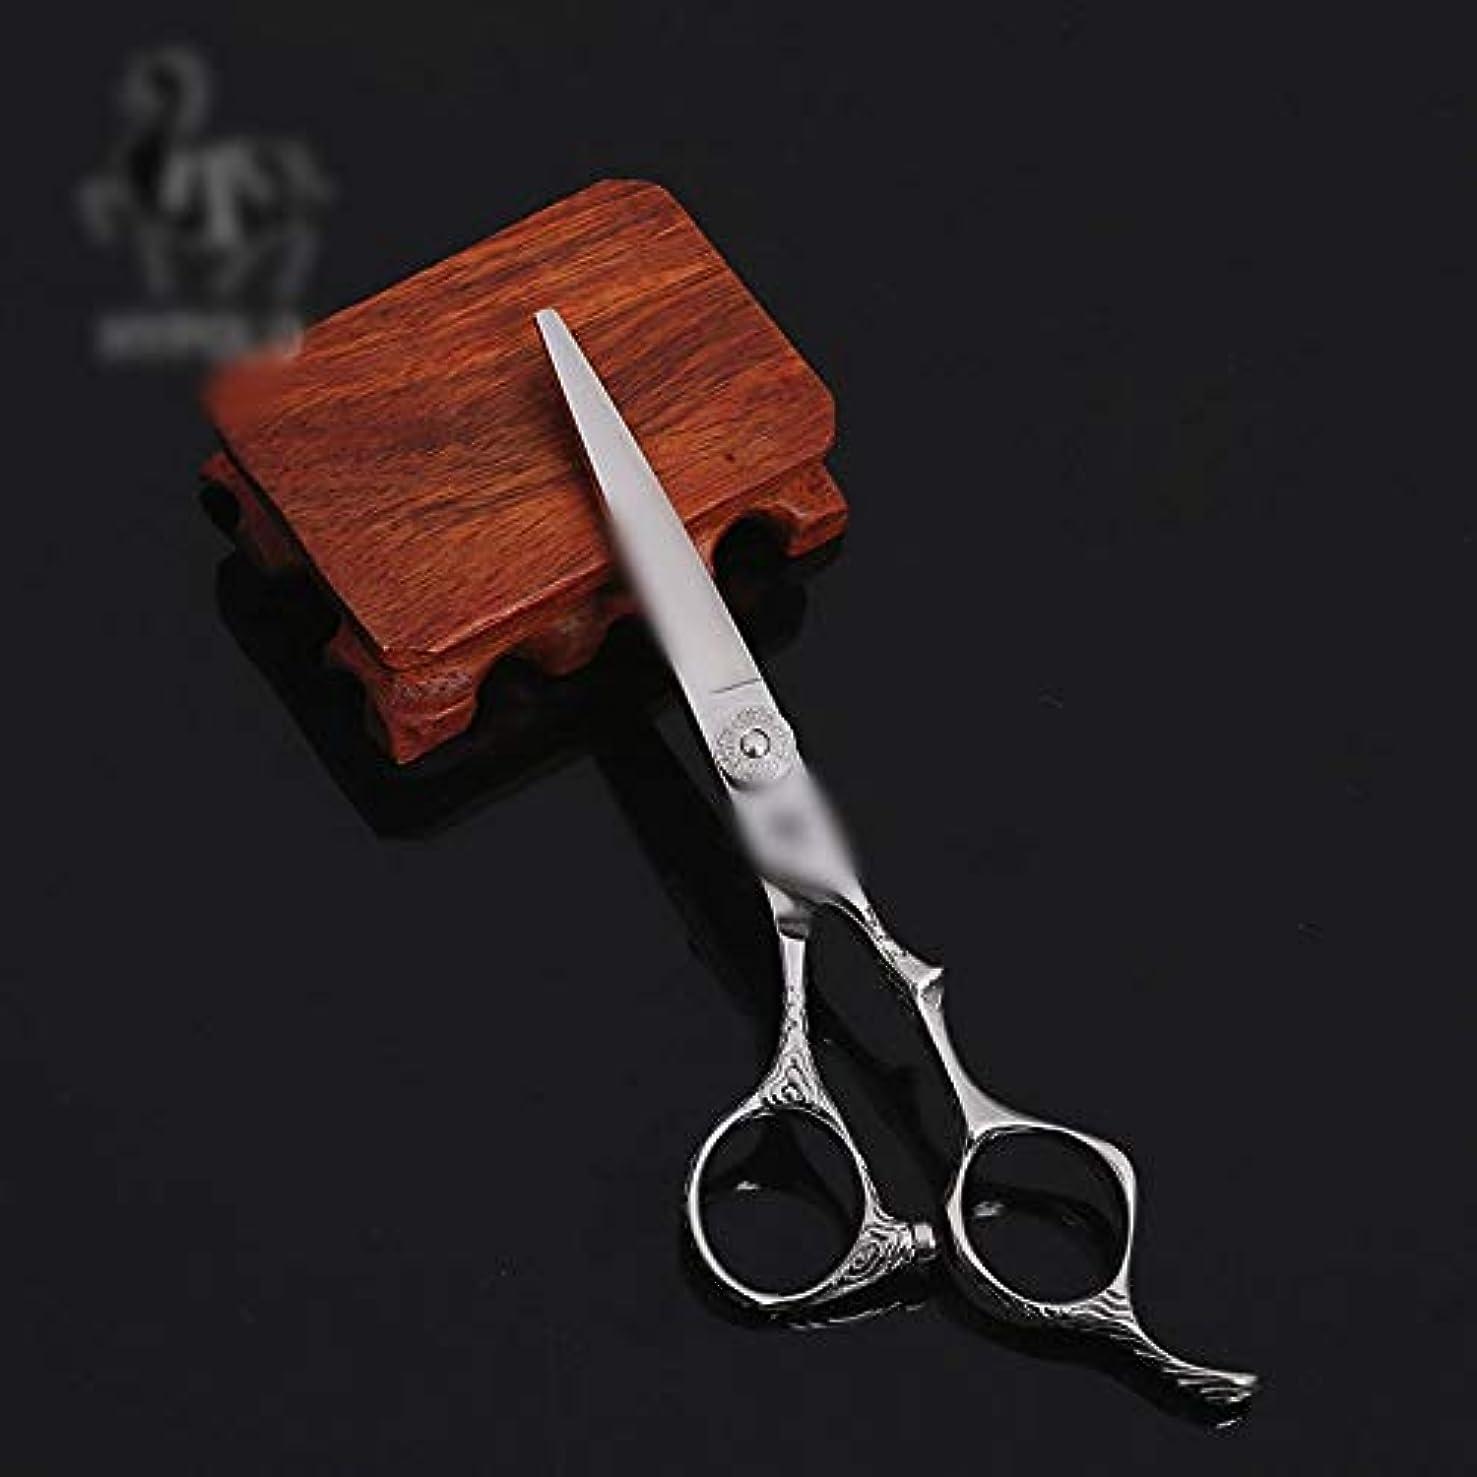 前述の努力韓国6インチの美容院の専門の理髪はさみの平らなはさみ、ハイエンドの専門の理髪用具の平らなはさみ ヘアケア (色 : Silver)